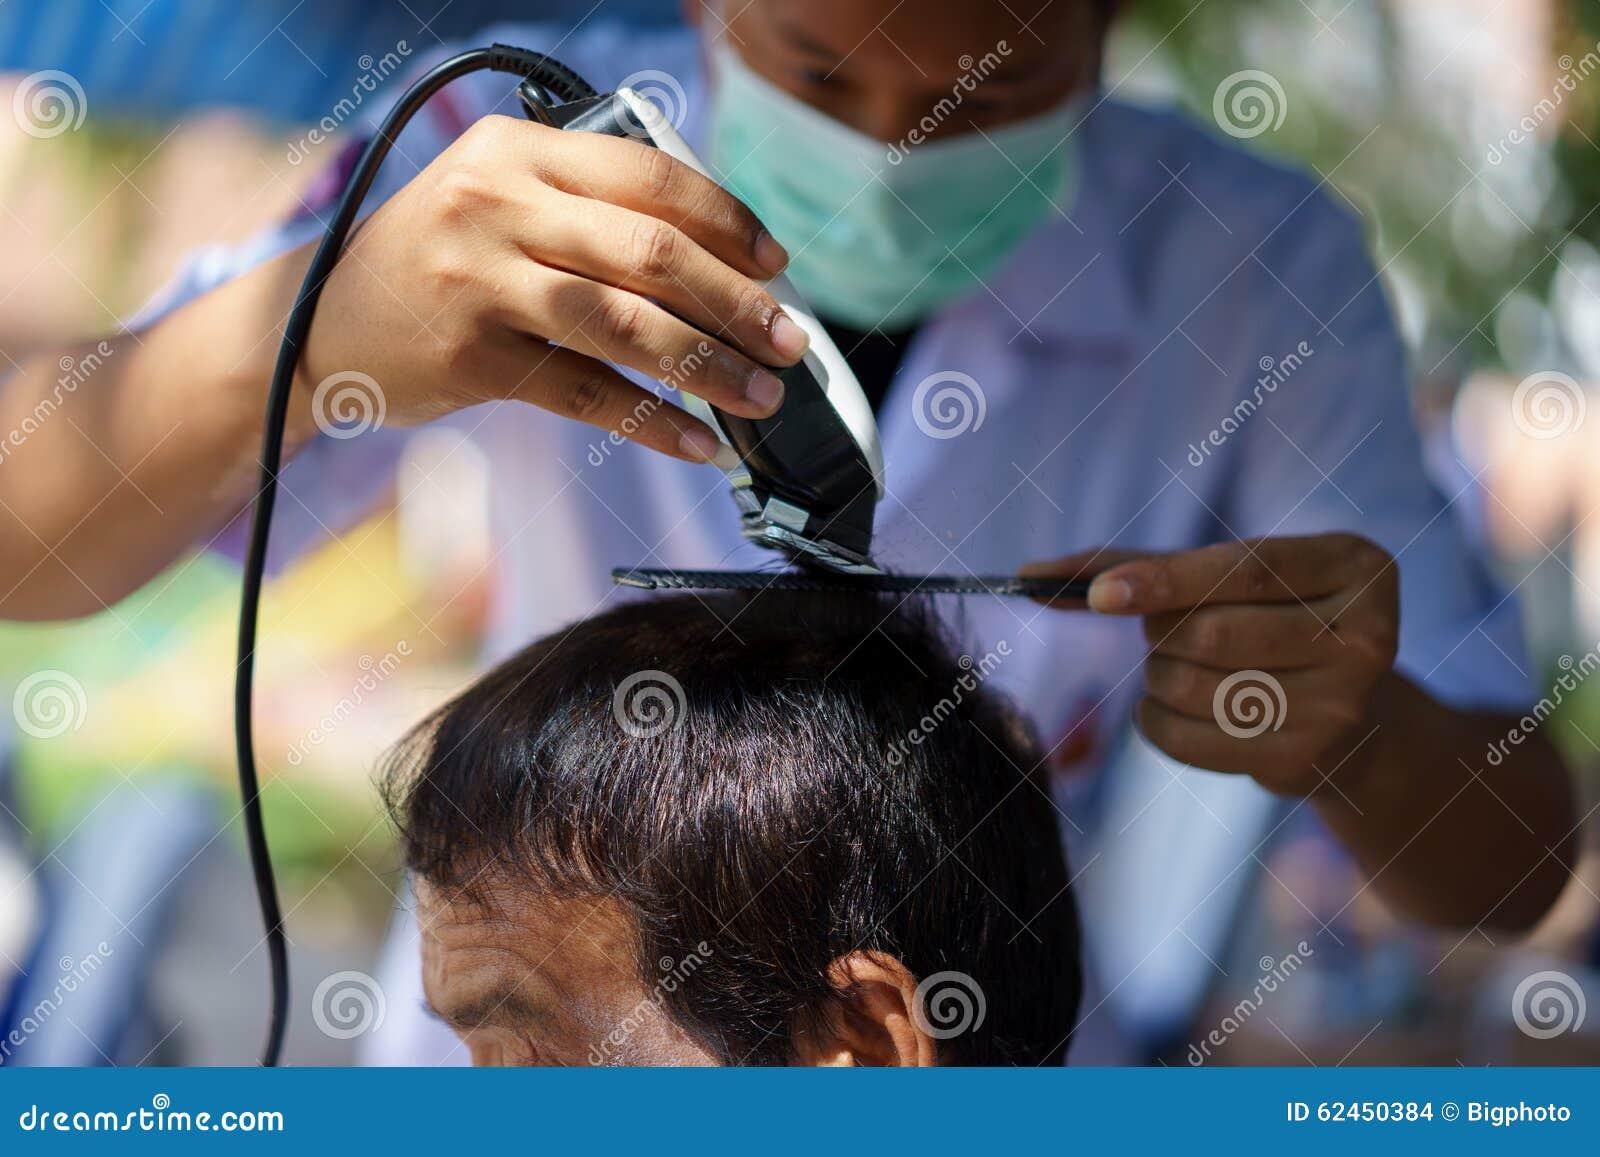 Couper Les Cheveux Avec Une Tondeuse concernant le jeune homme coupe des cheveux dans le salon de coiffure photos